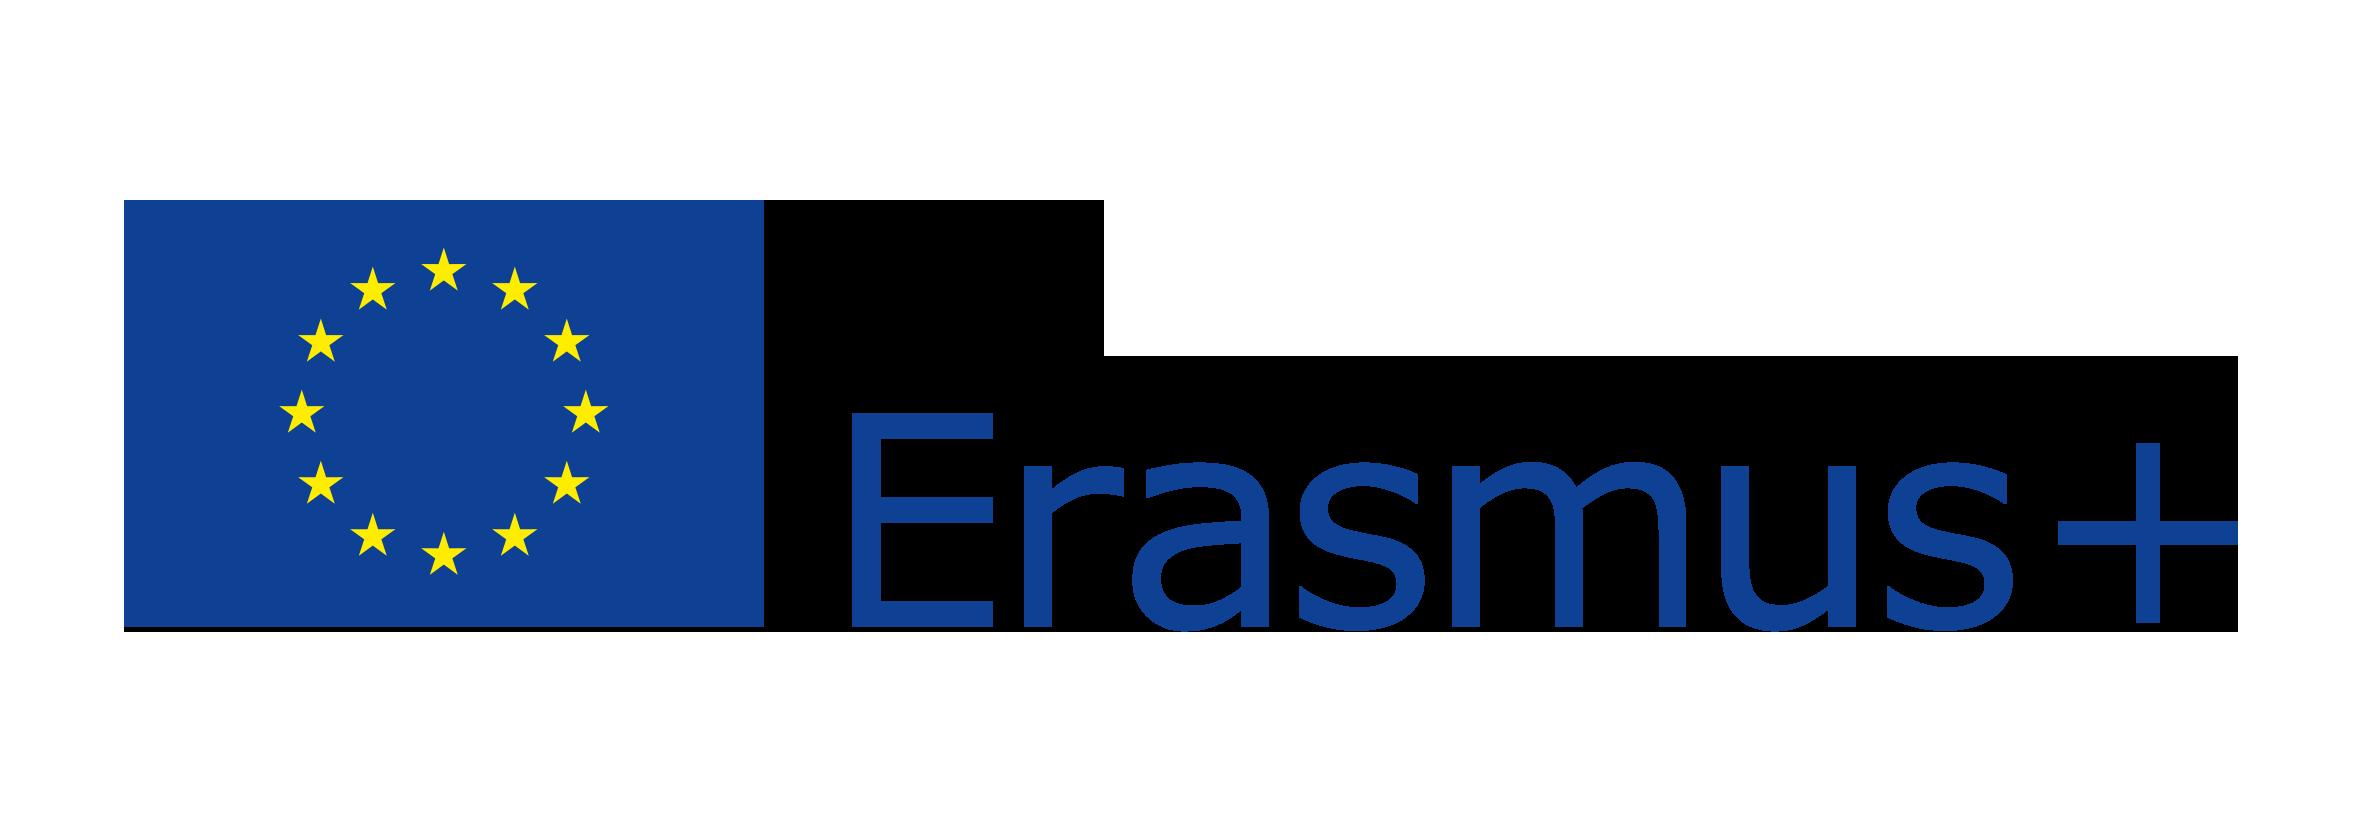 Proxecto cofinanciado polo programa Erasmus+